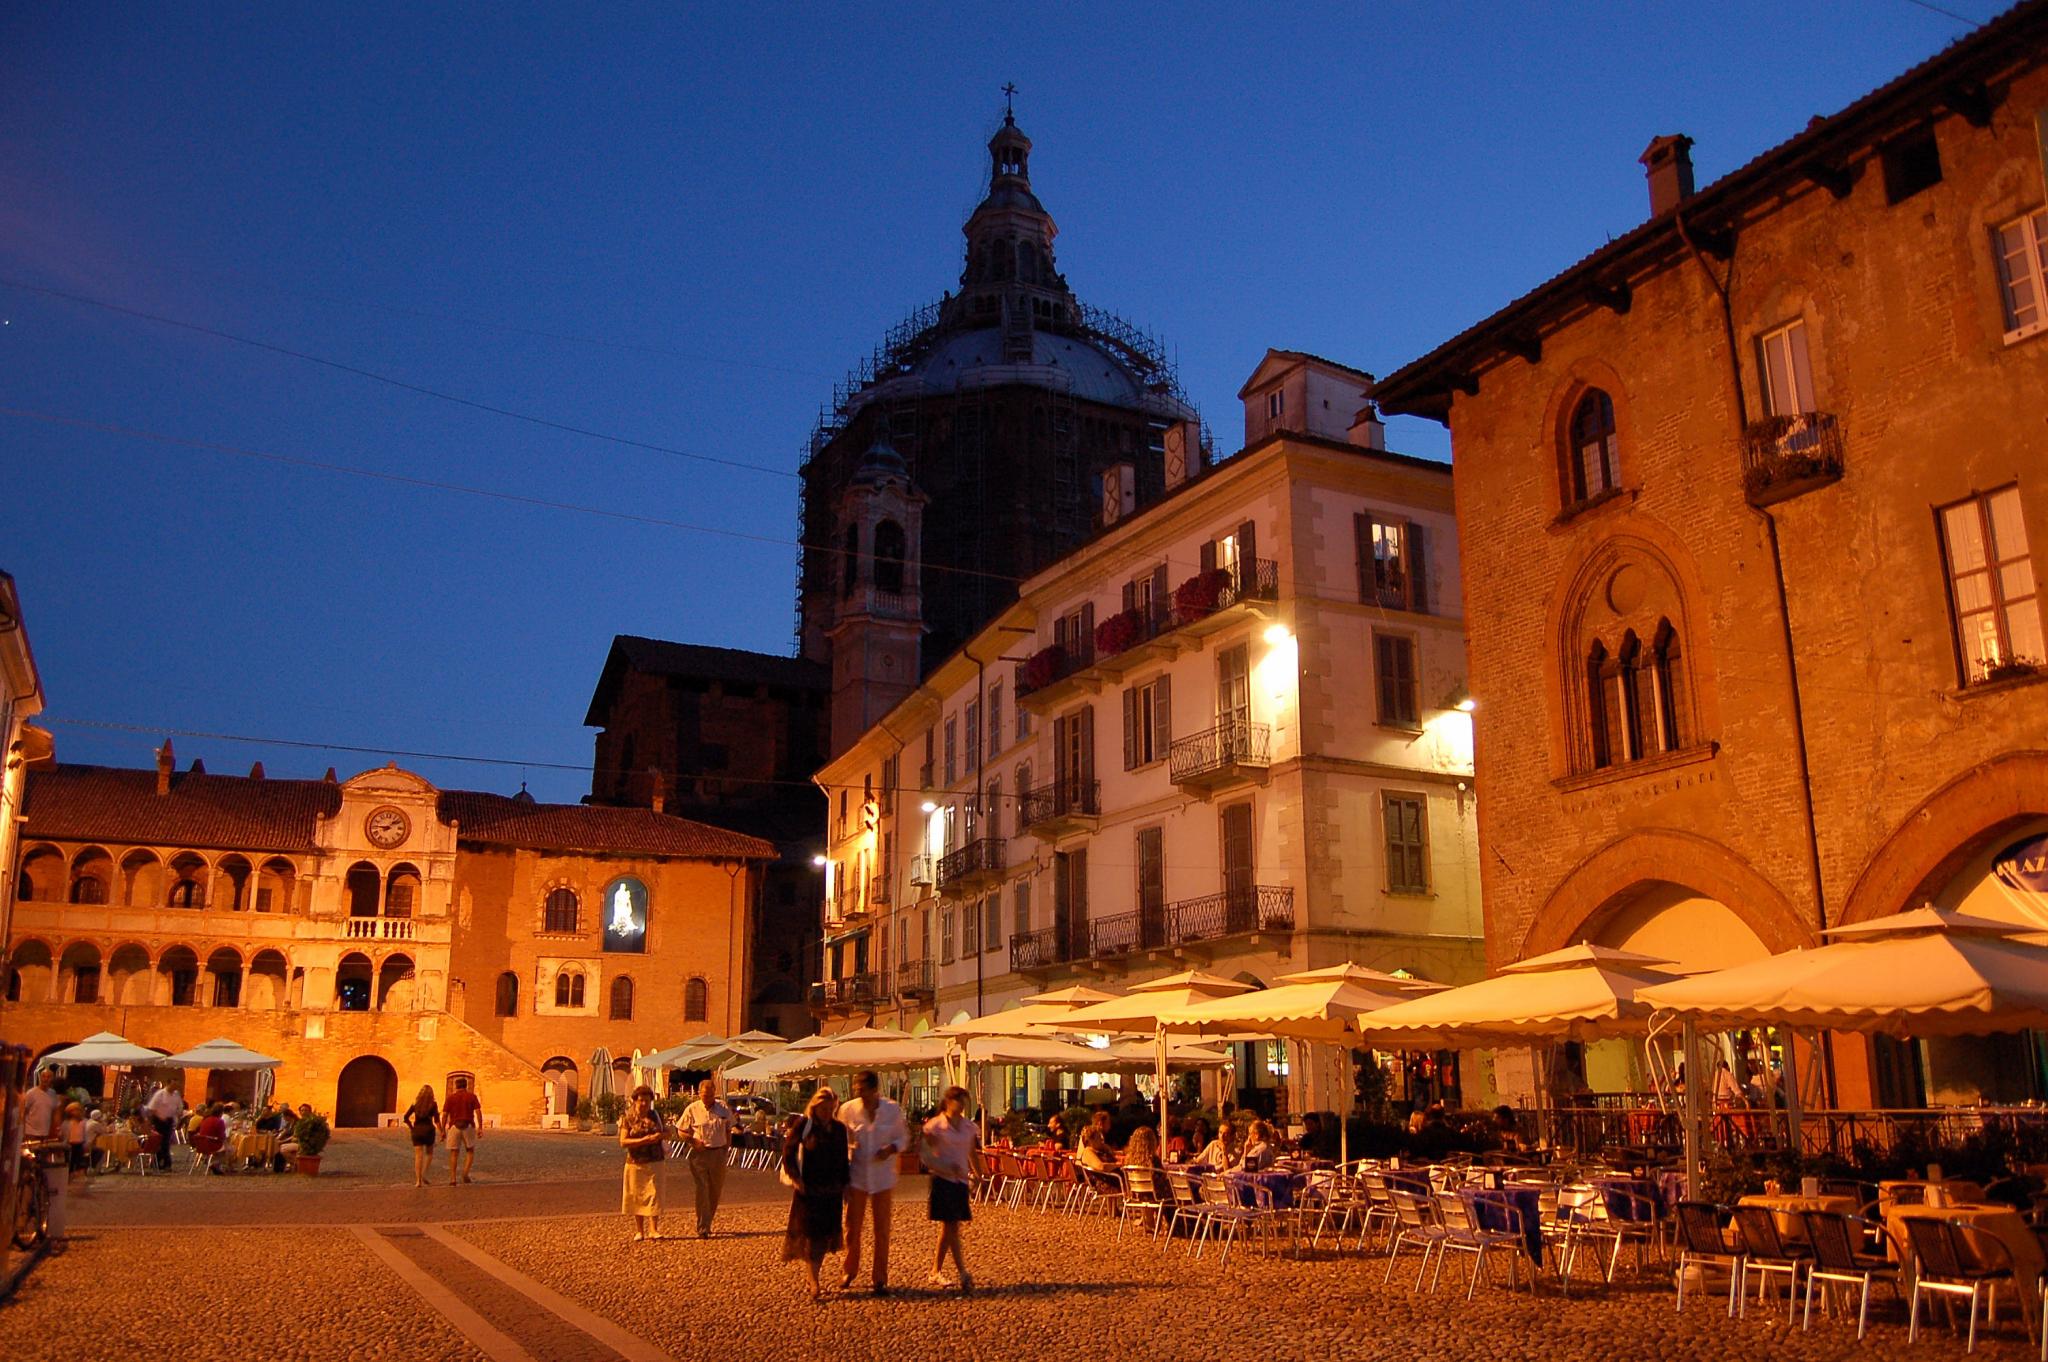 удобны, фото павия черановп город страна италия могло